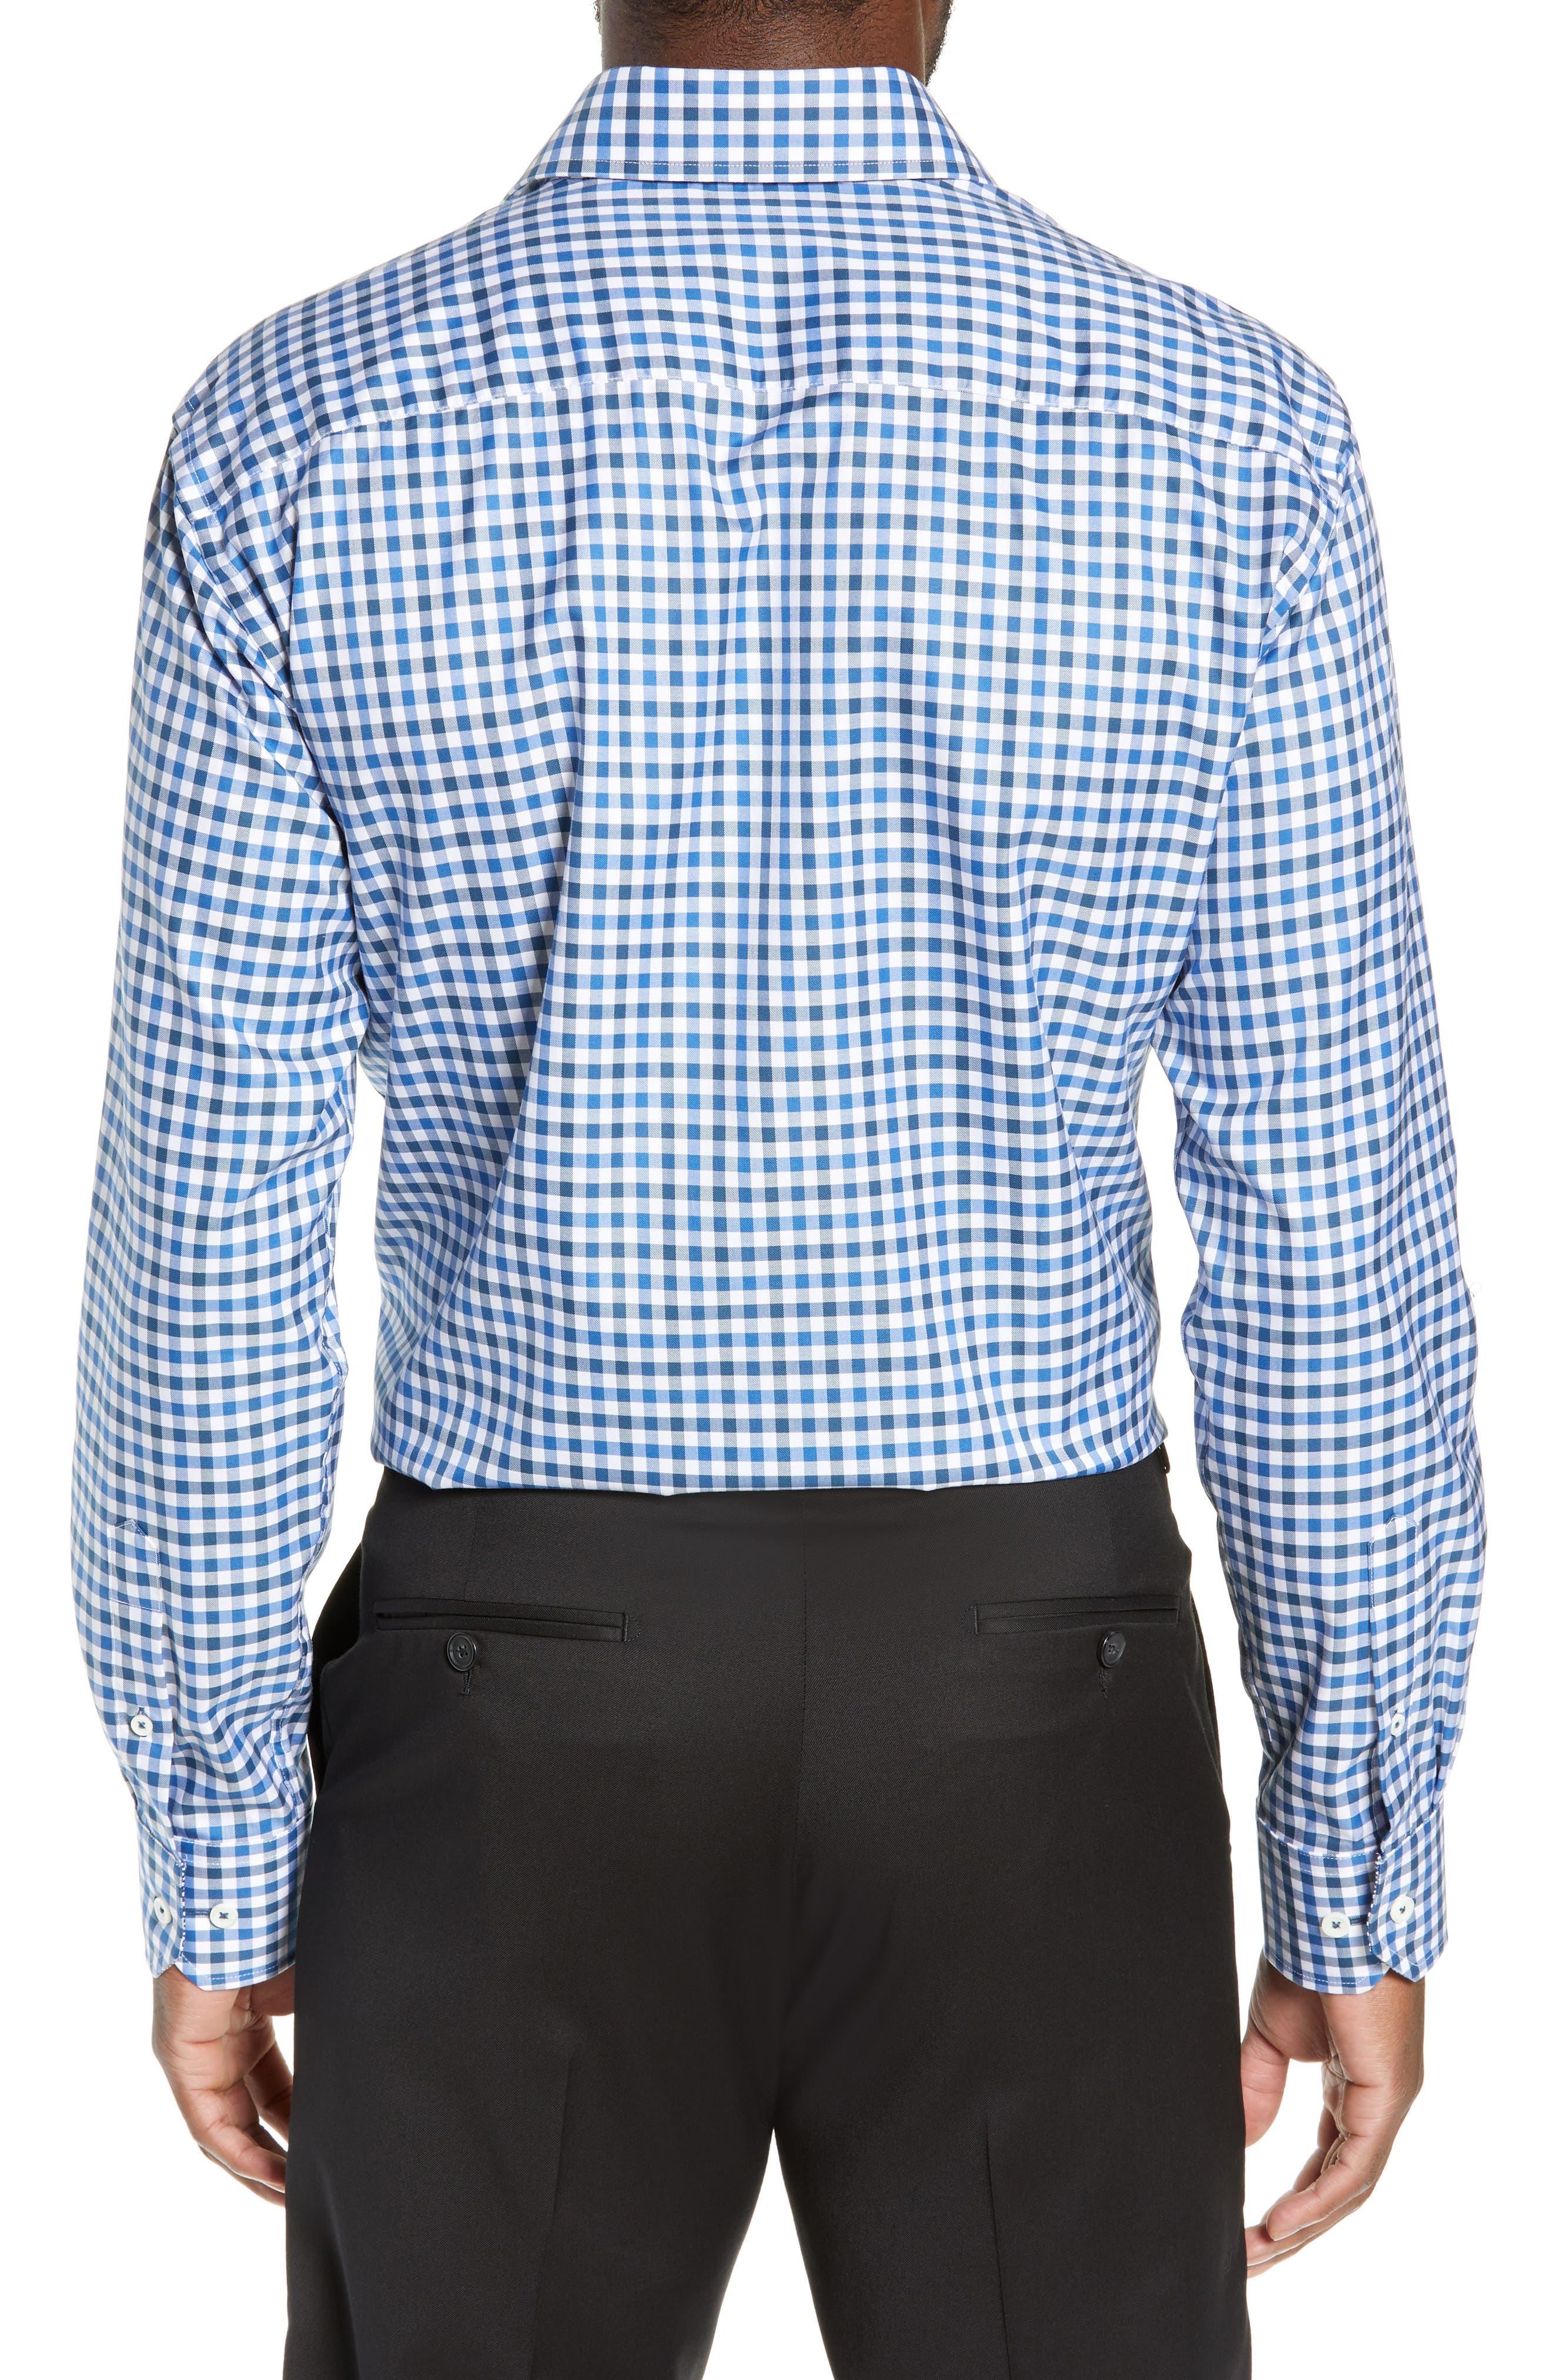 Trim Fit Check Dress Shirt,                             Alternate thumbnail 3, color,                             CLASSIC BLUE